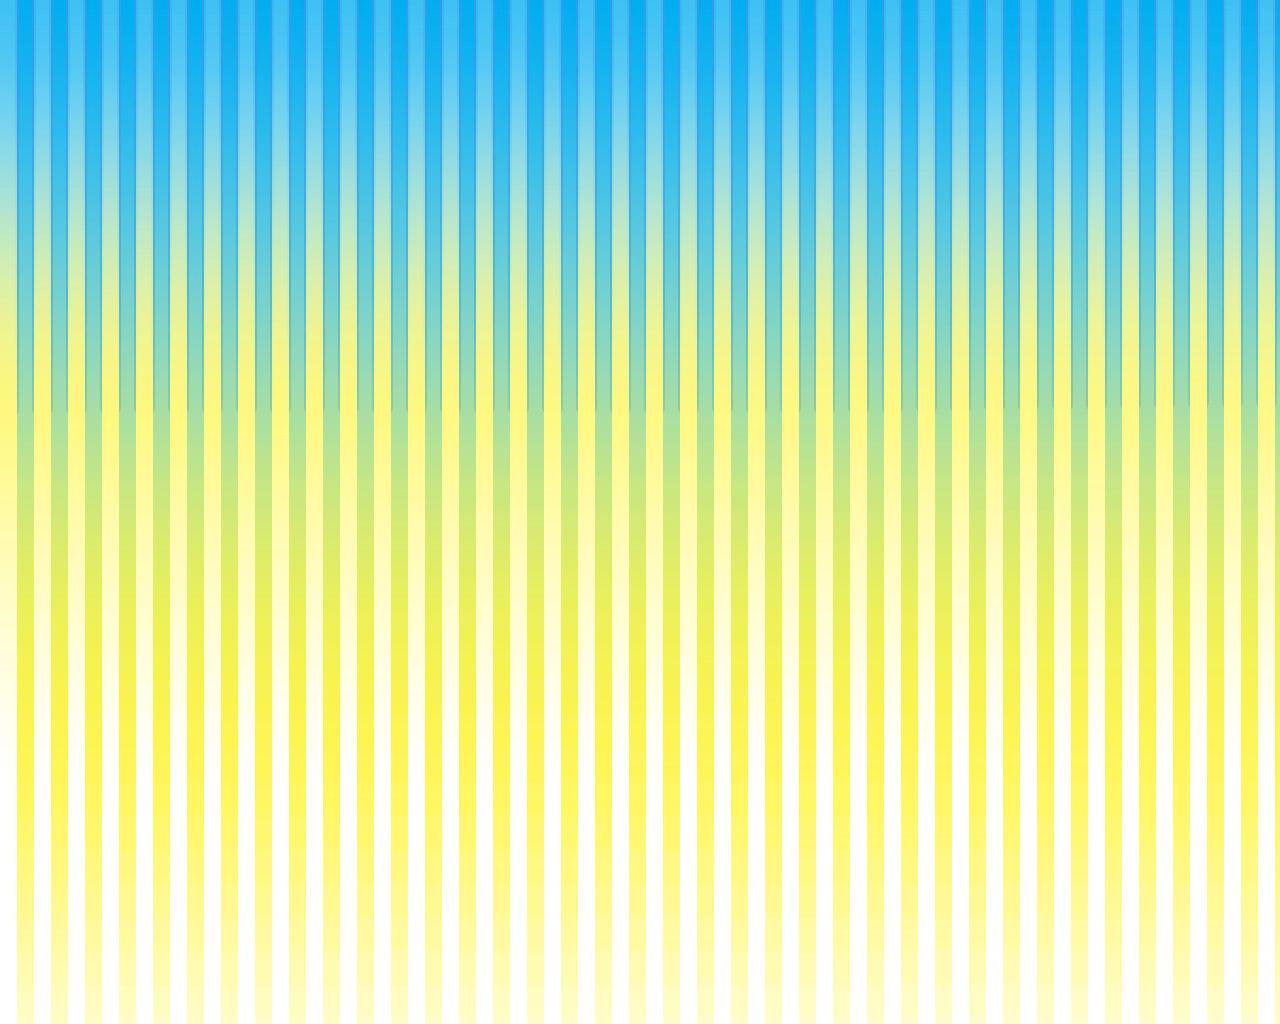 Stripe Blue Green And White: Sh Yn Design: Stripe Wallpaper : Blue Yellow Stripe